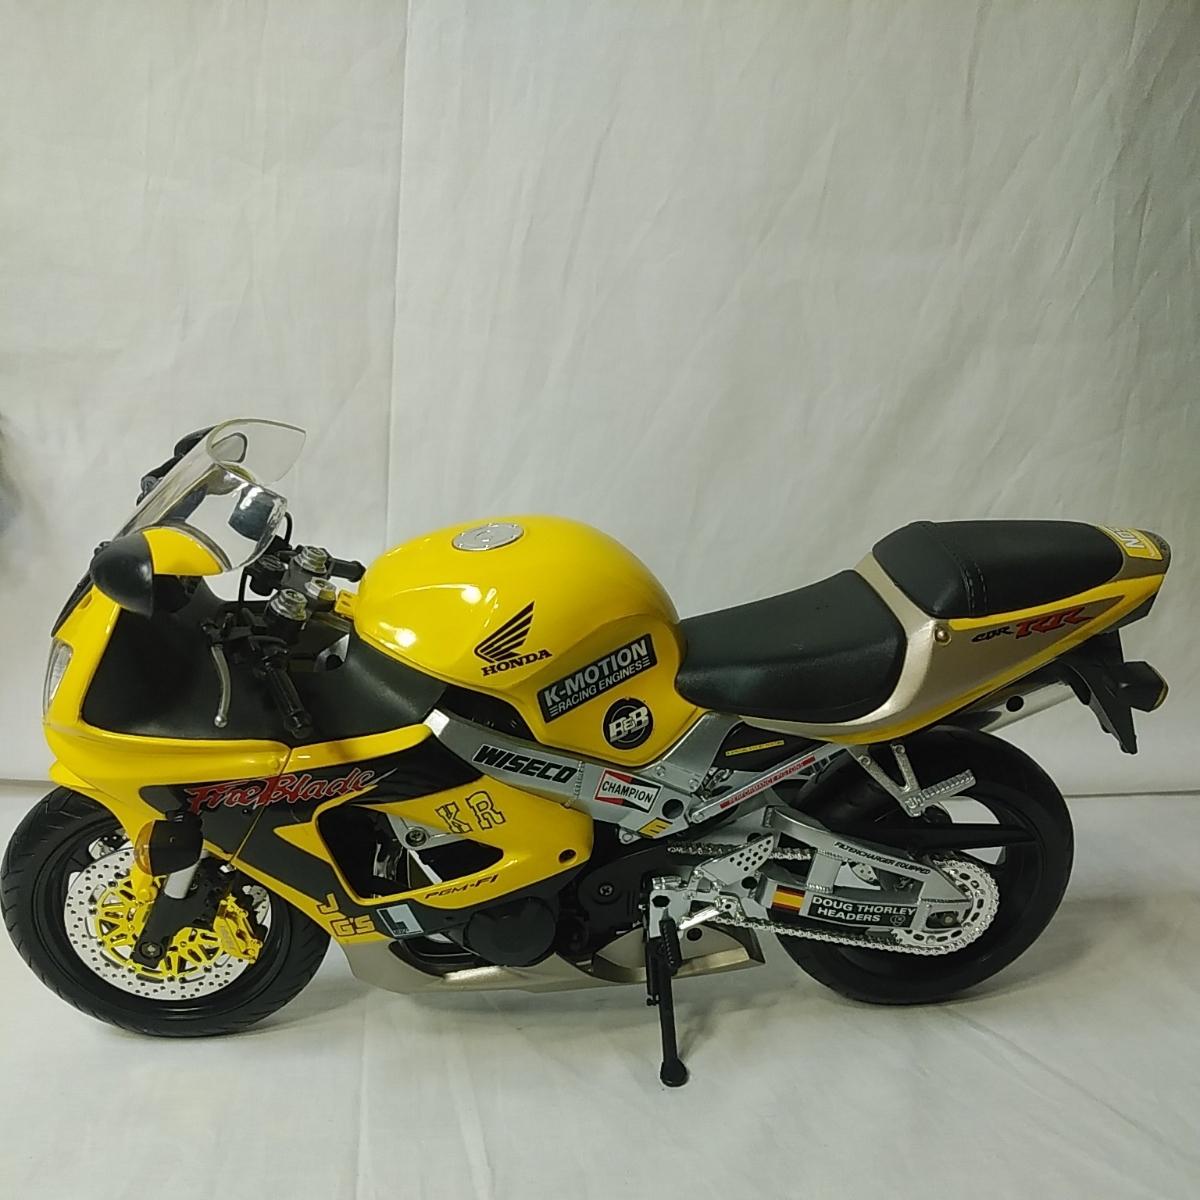 1/6ニーアオートマタヨルハ二号ヘッド衣装ファイセンtbリーグ製シームレスシリコンアクションフィギュアHondaCBR1000RRバイクのフルセット_画像5